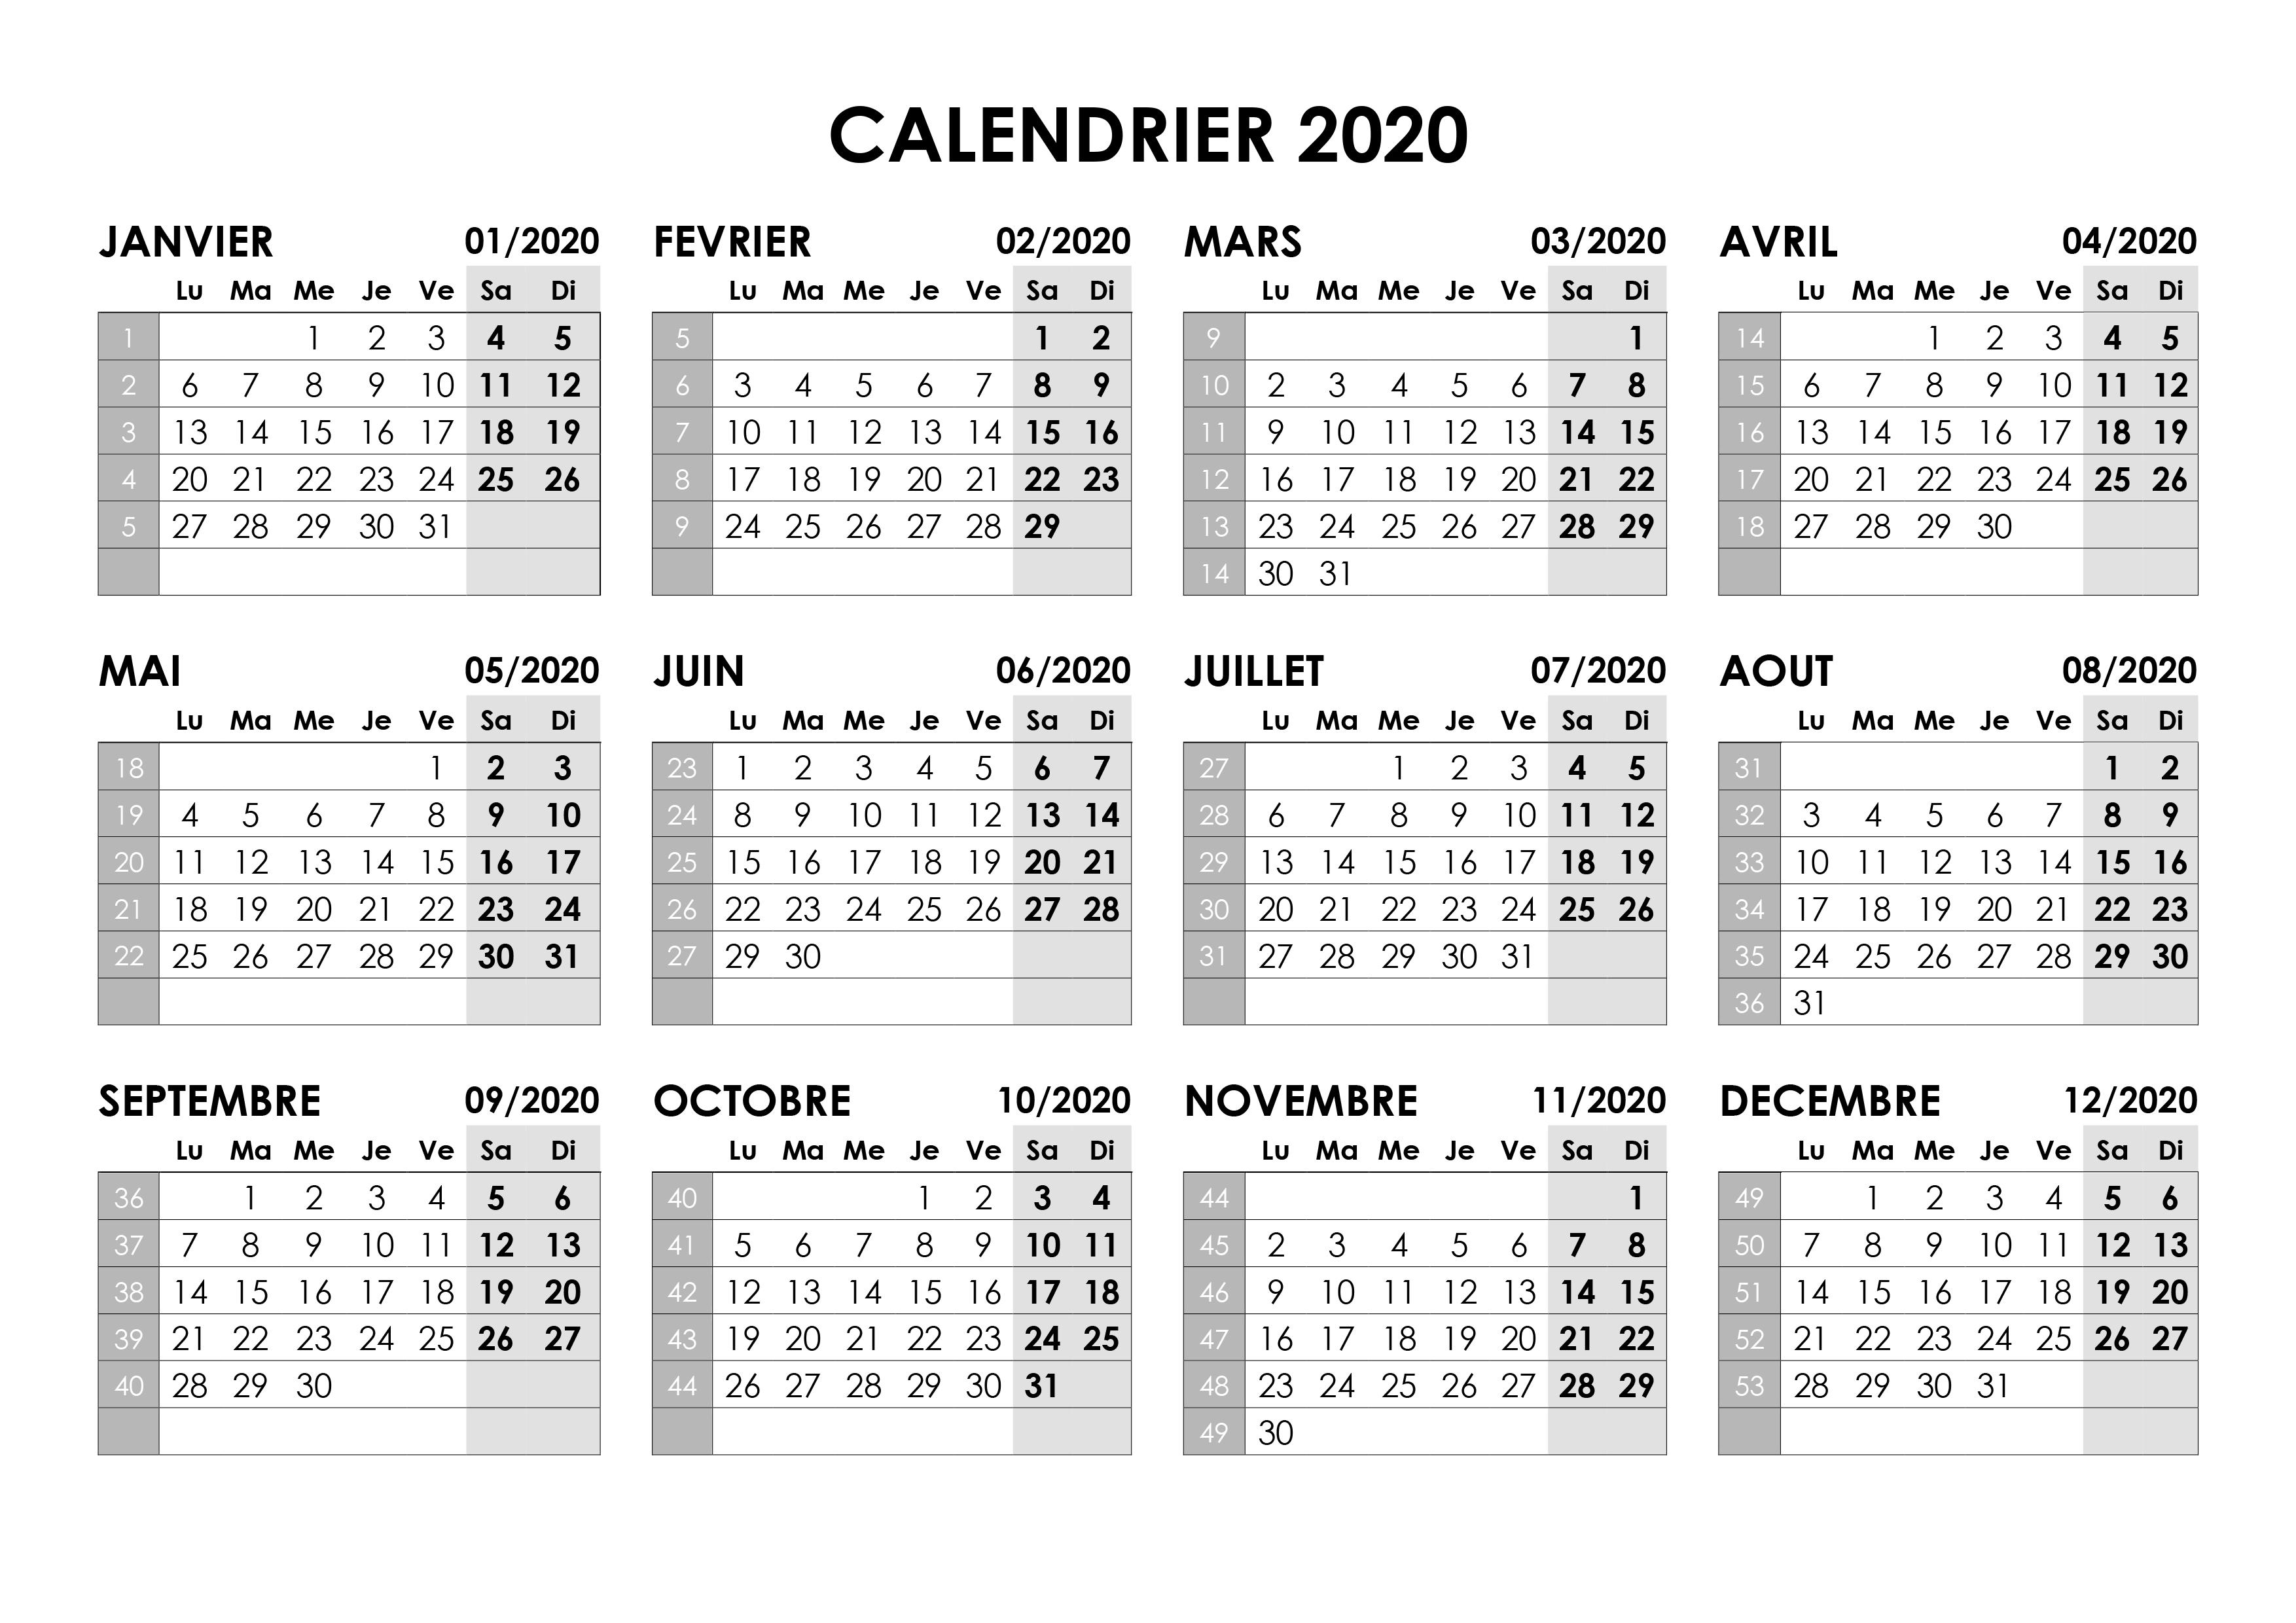 Calendrier 2020 Mensuel A Imprimer Gratuit.Calendrier Janvier 2020 Vierge A Imprimer